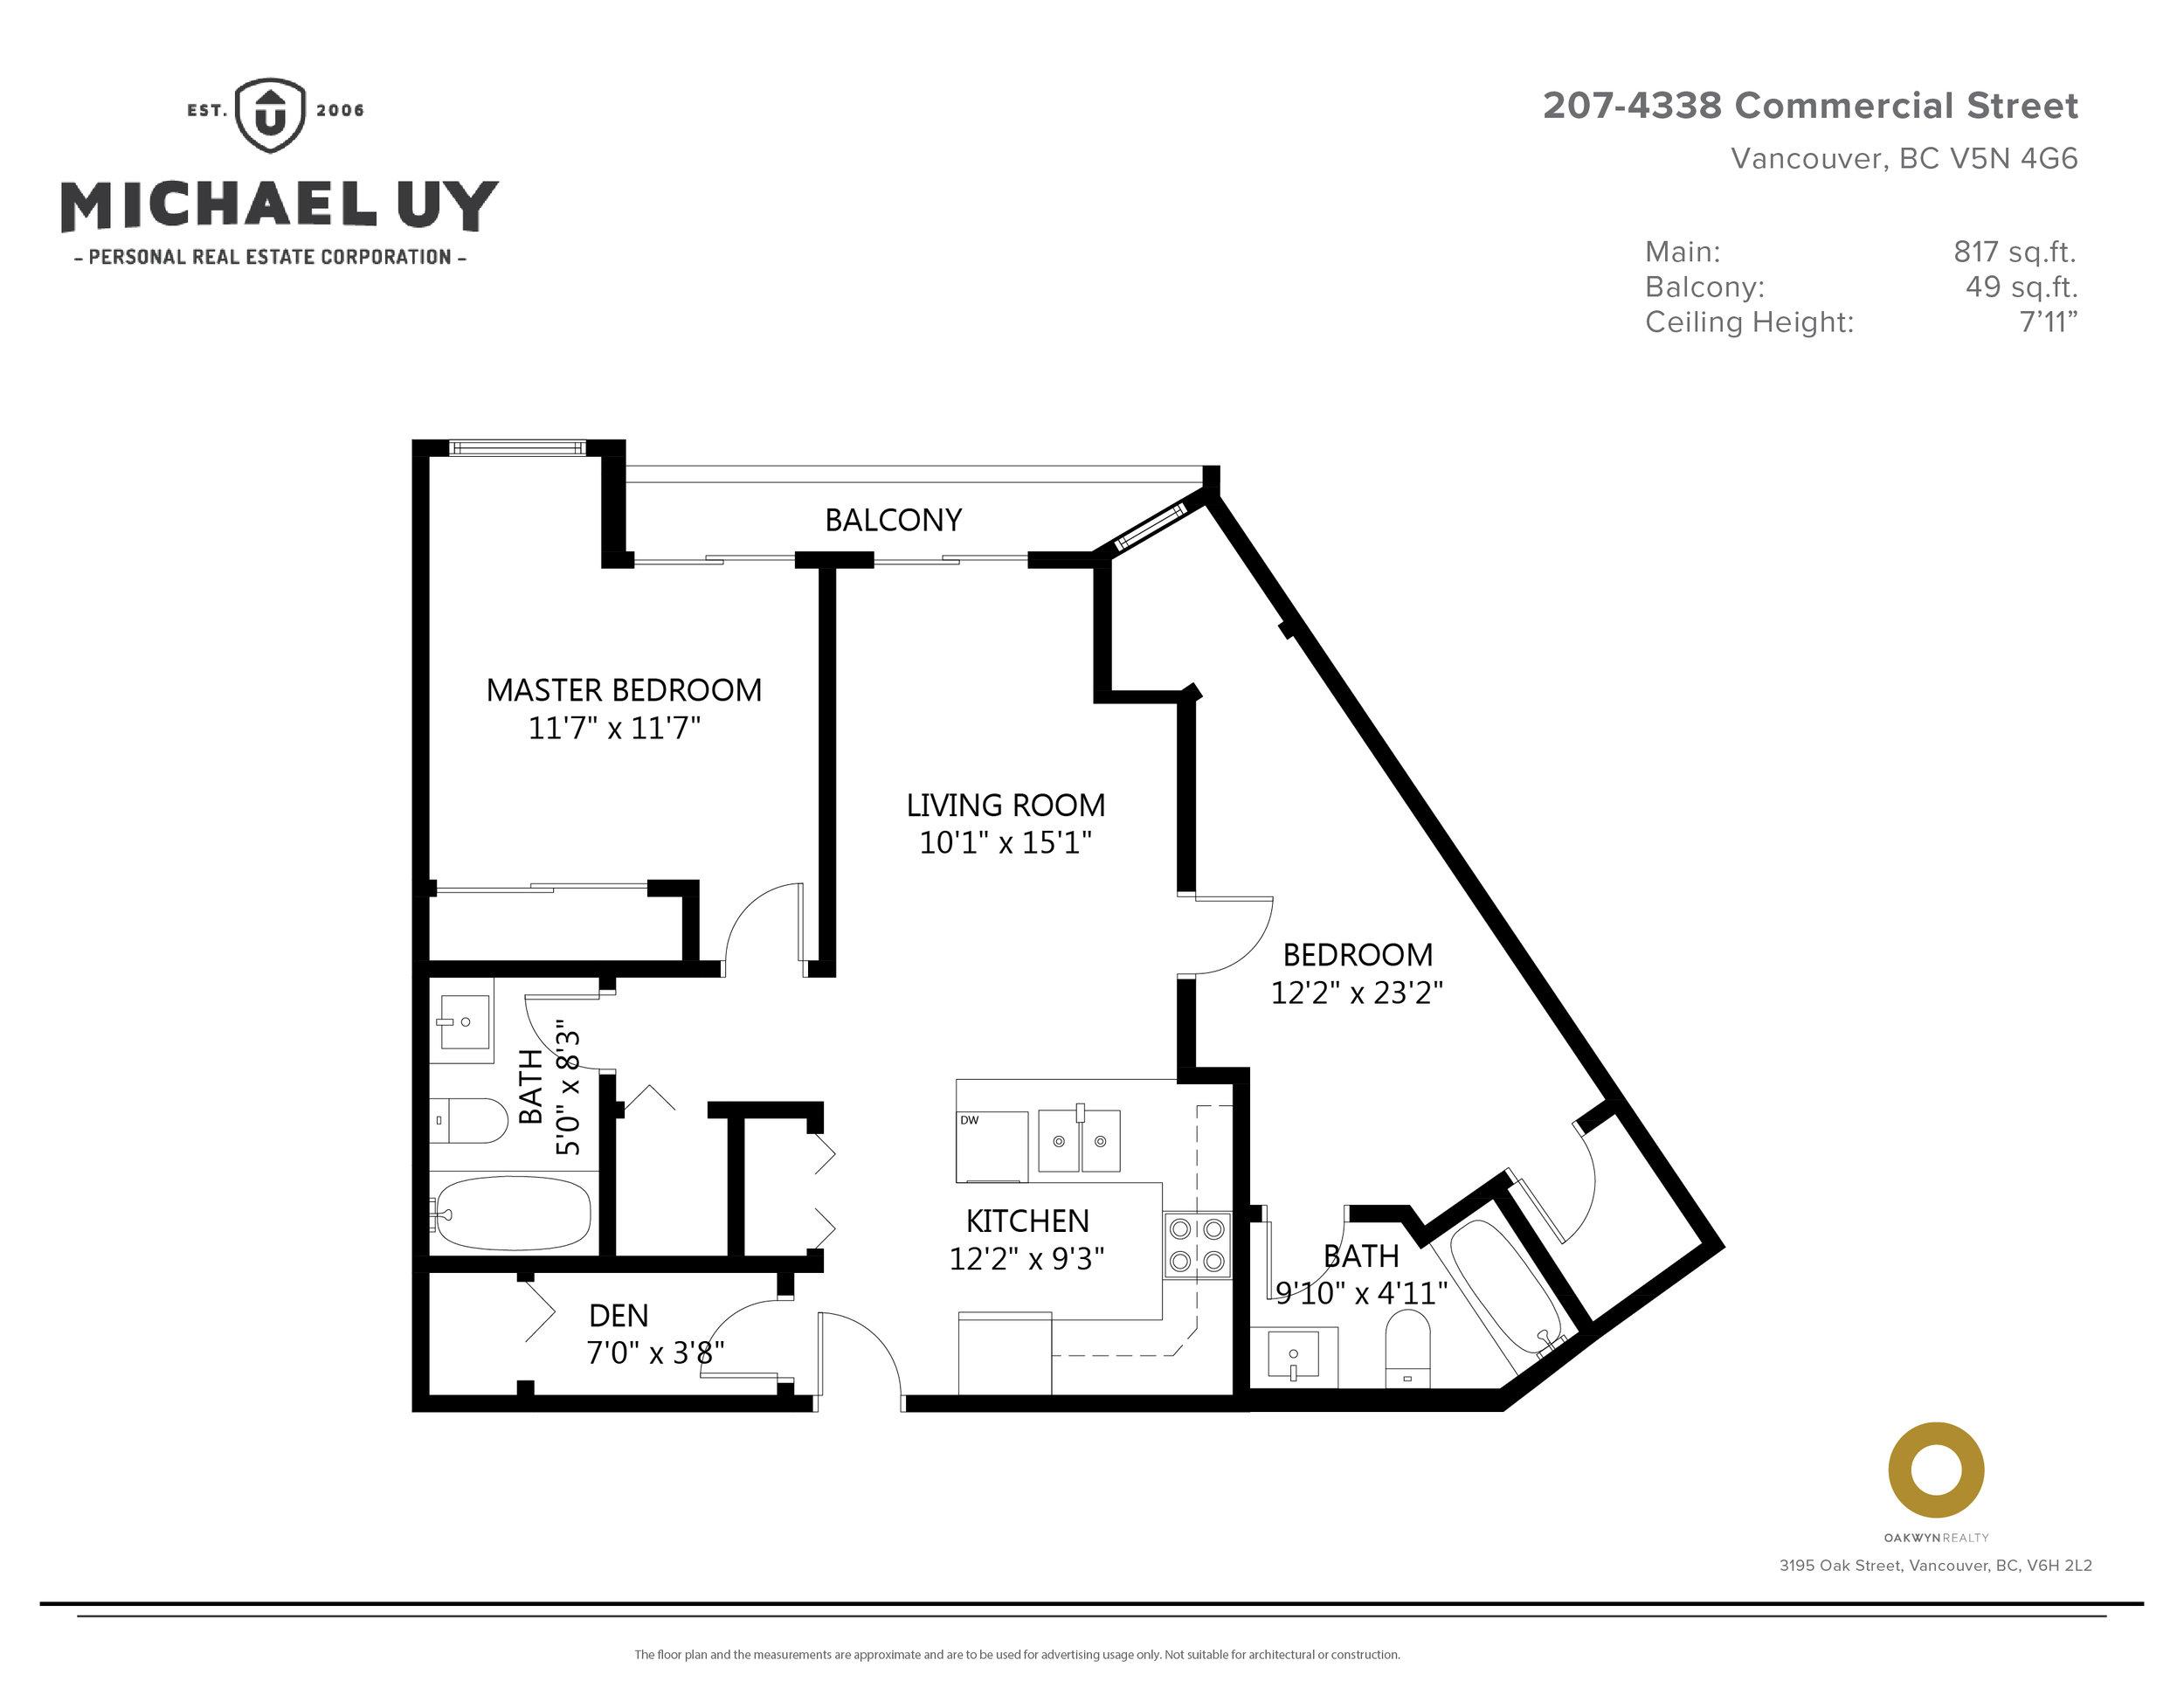 207-4338 Commercial St. - Branded Floor Plan .jpg